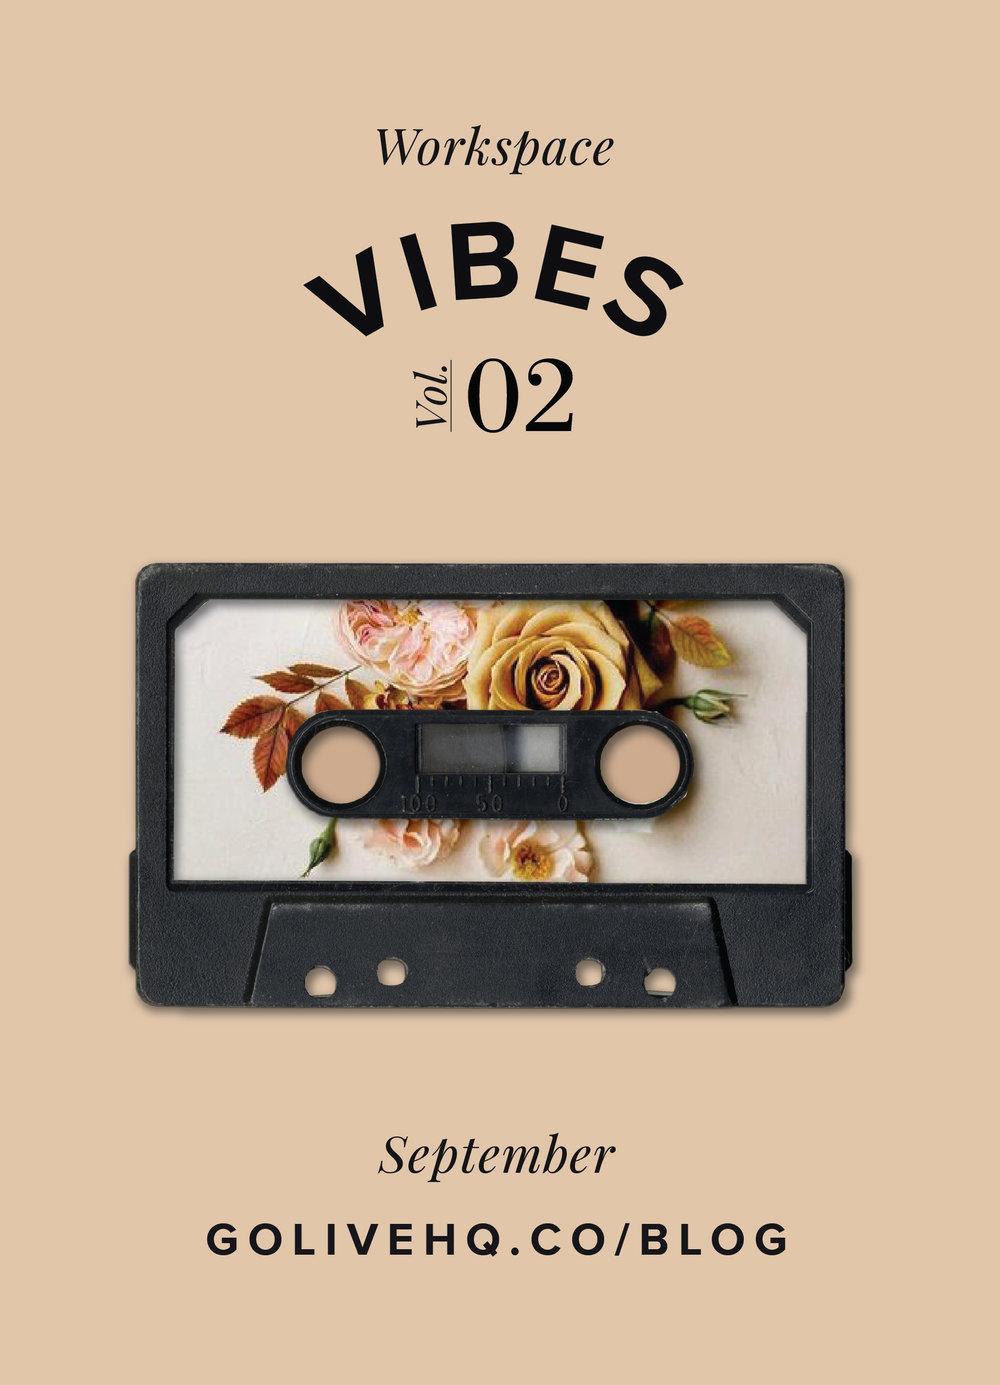 mixtapetemplateSEPT323.jpg